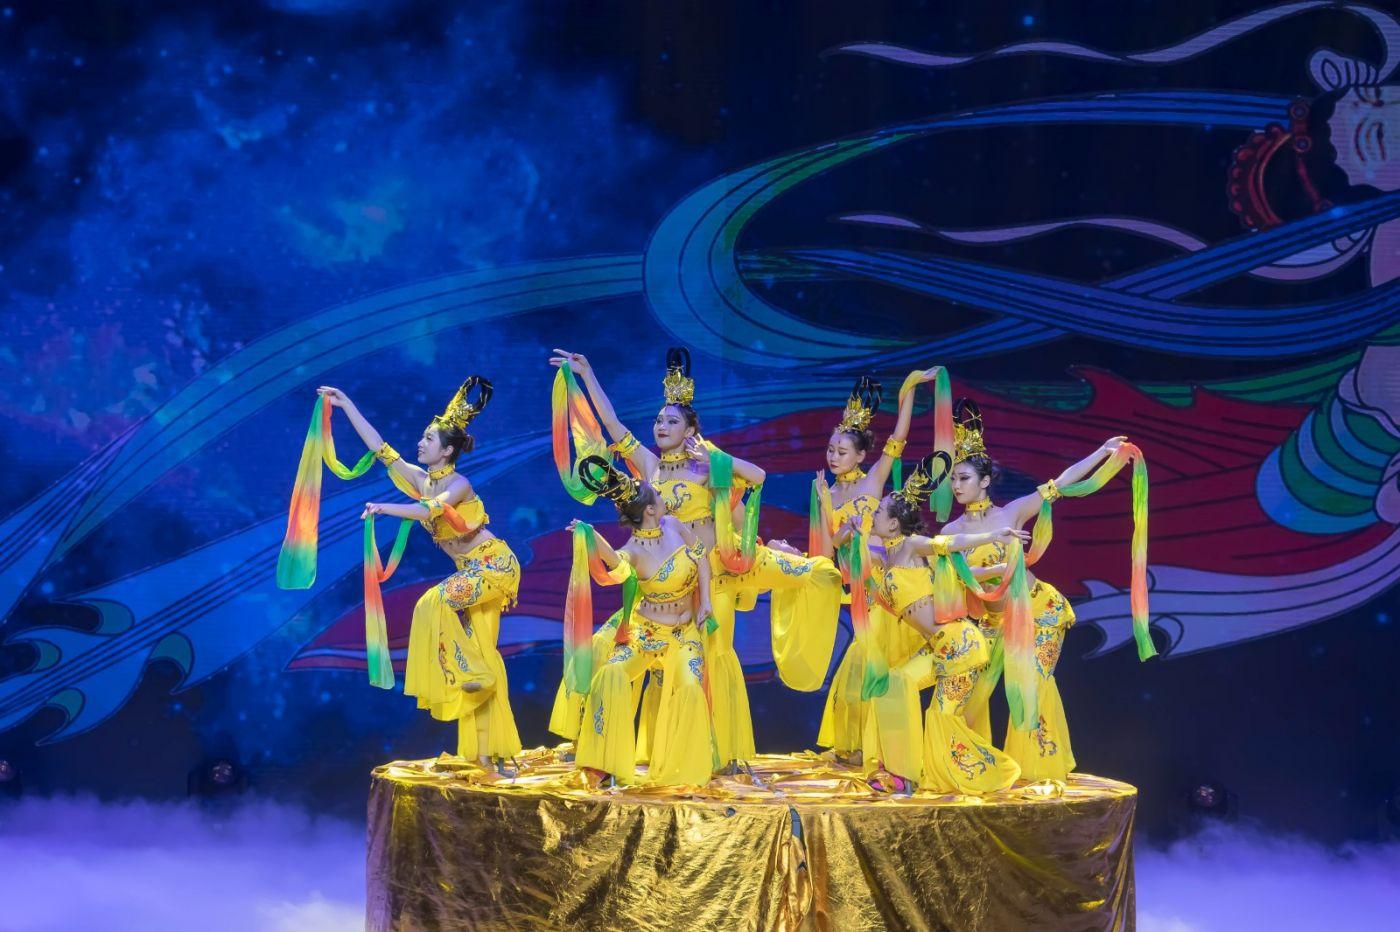 沂蒙大地上 有一种舞蹈叫飞天 这是几位临沂女孩的杰作 美轮美奂 ..._图1-63